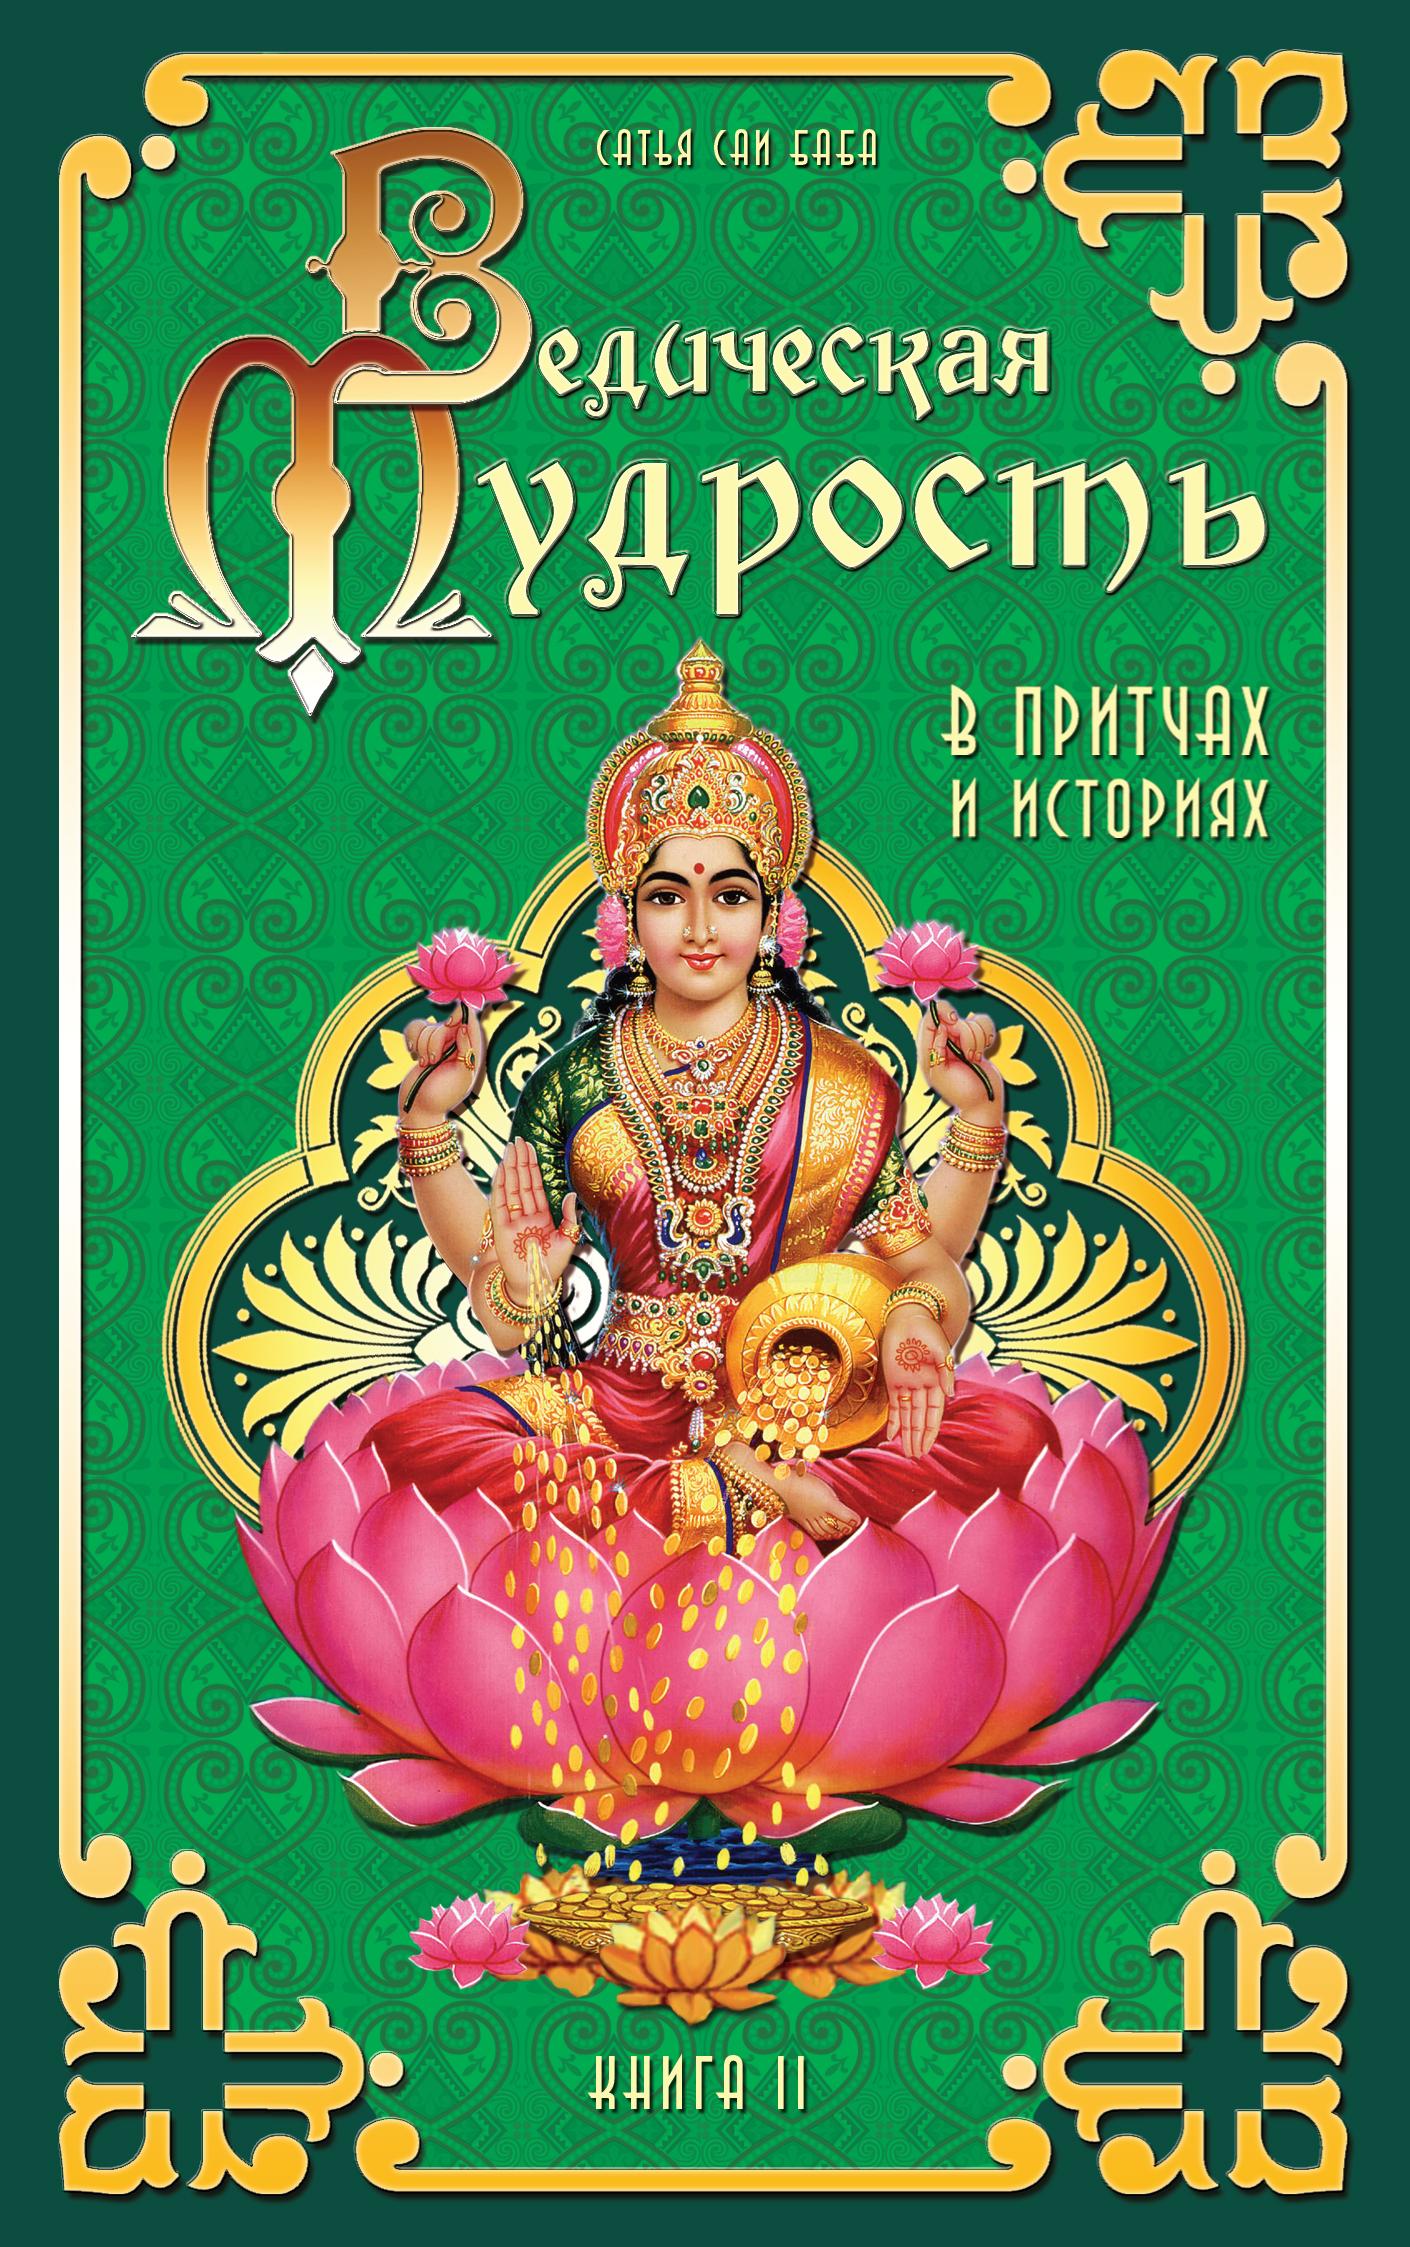 Ведическая мудрость в притчах и историях. Кн.2. 3-е изд.